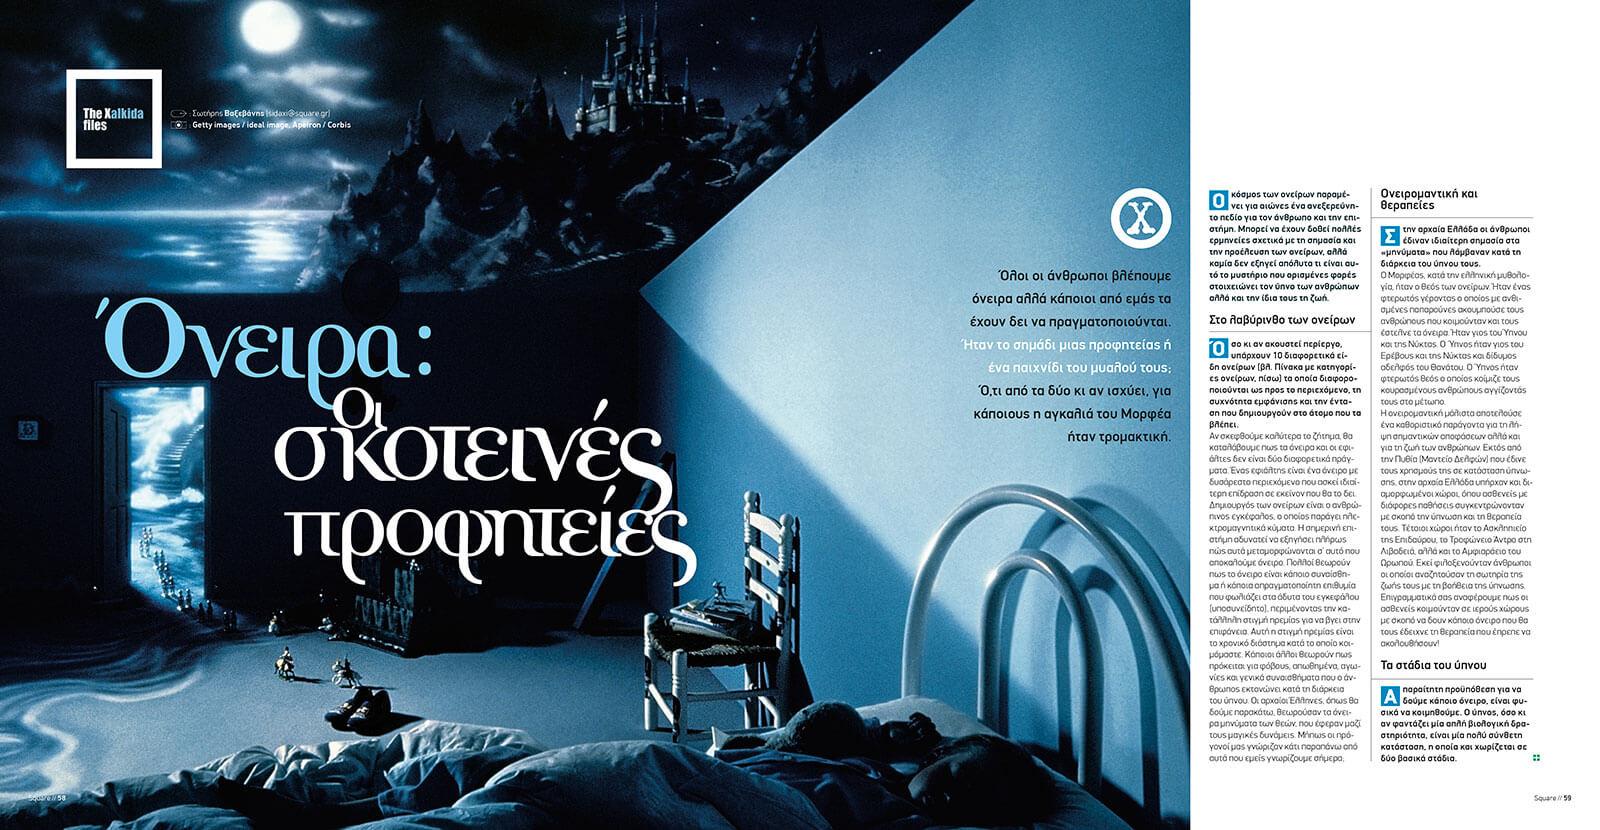 5-Όνειρα-οι-σκοτεινές-προφητείες